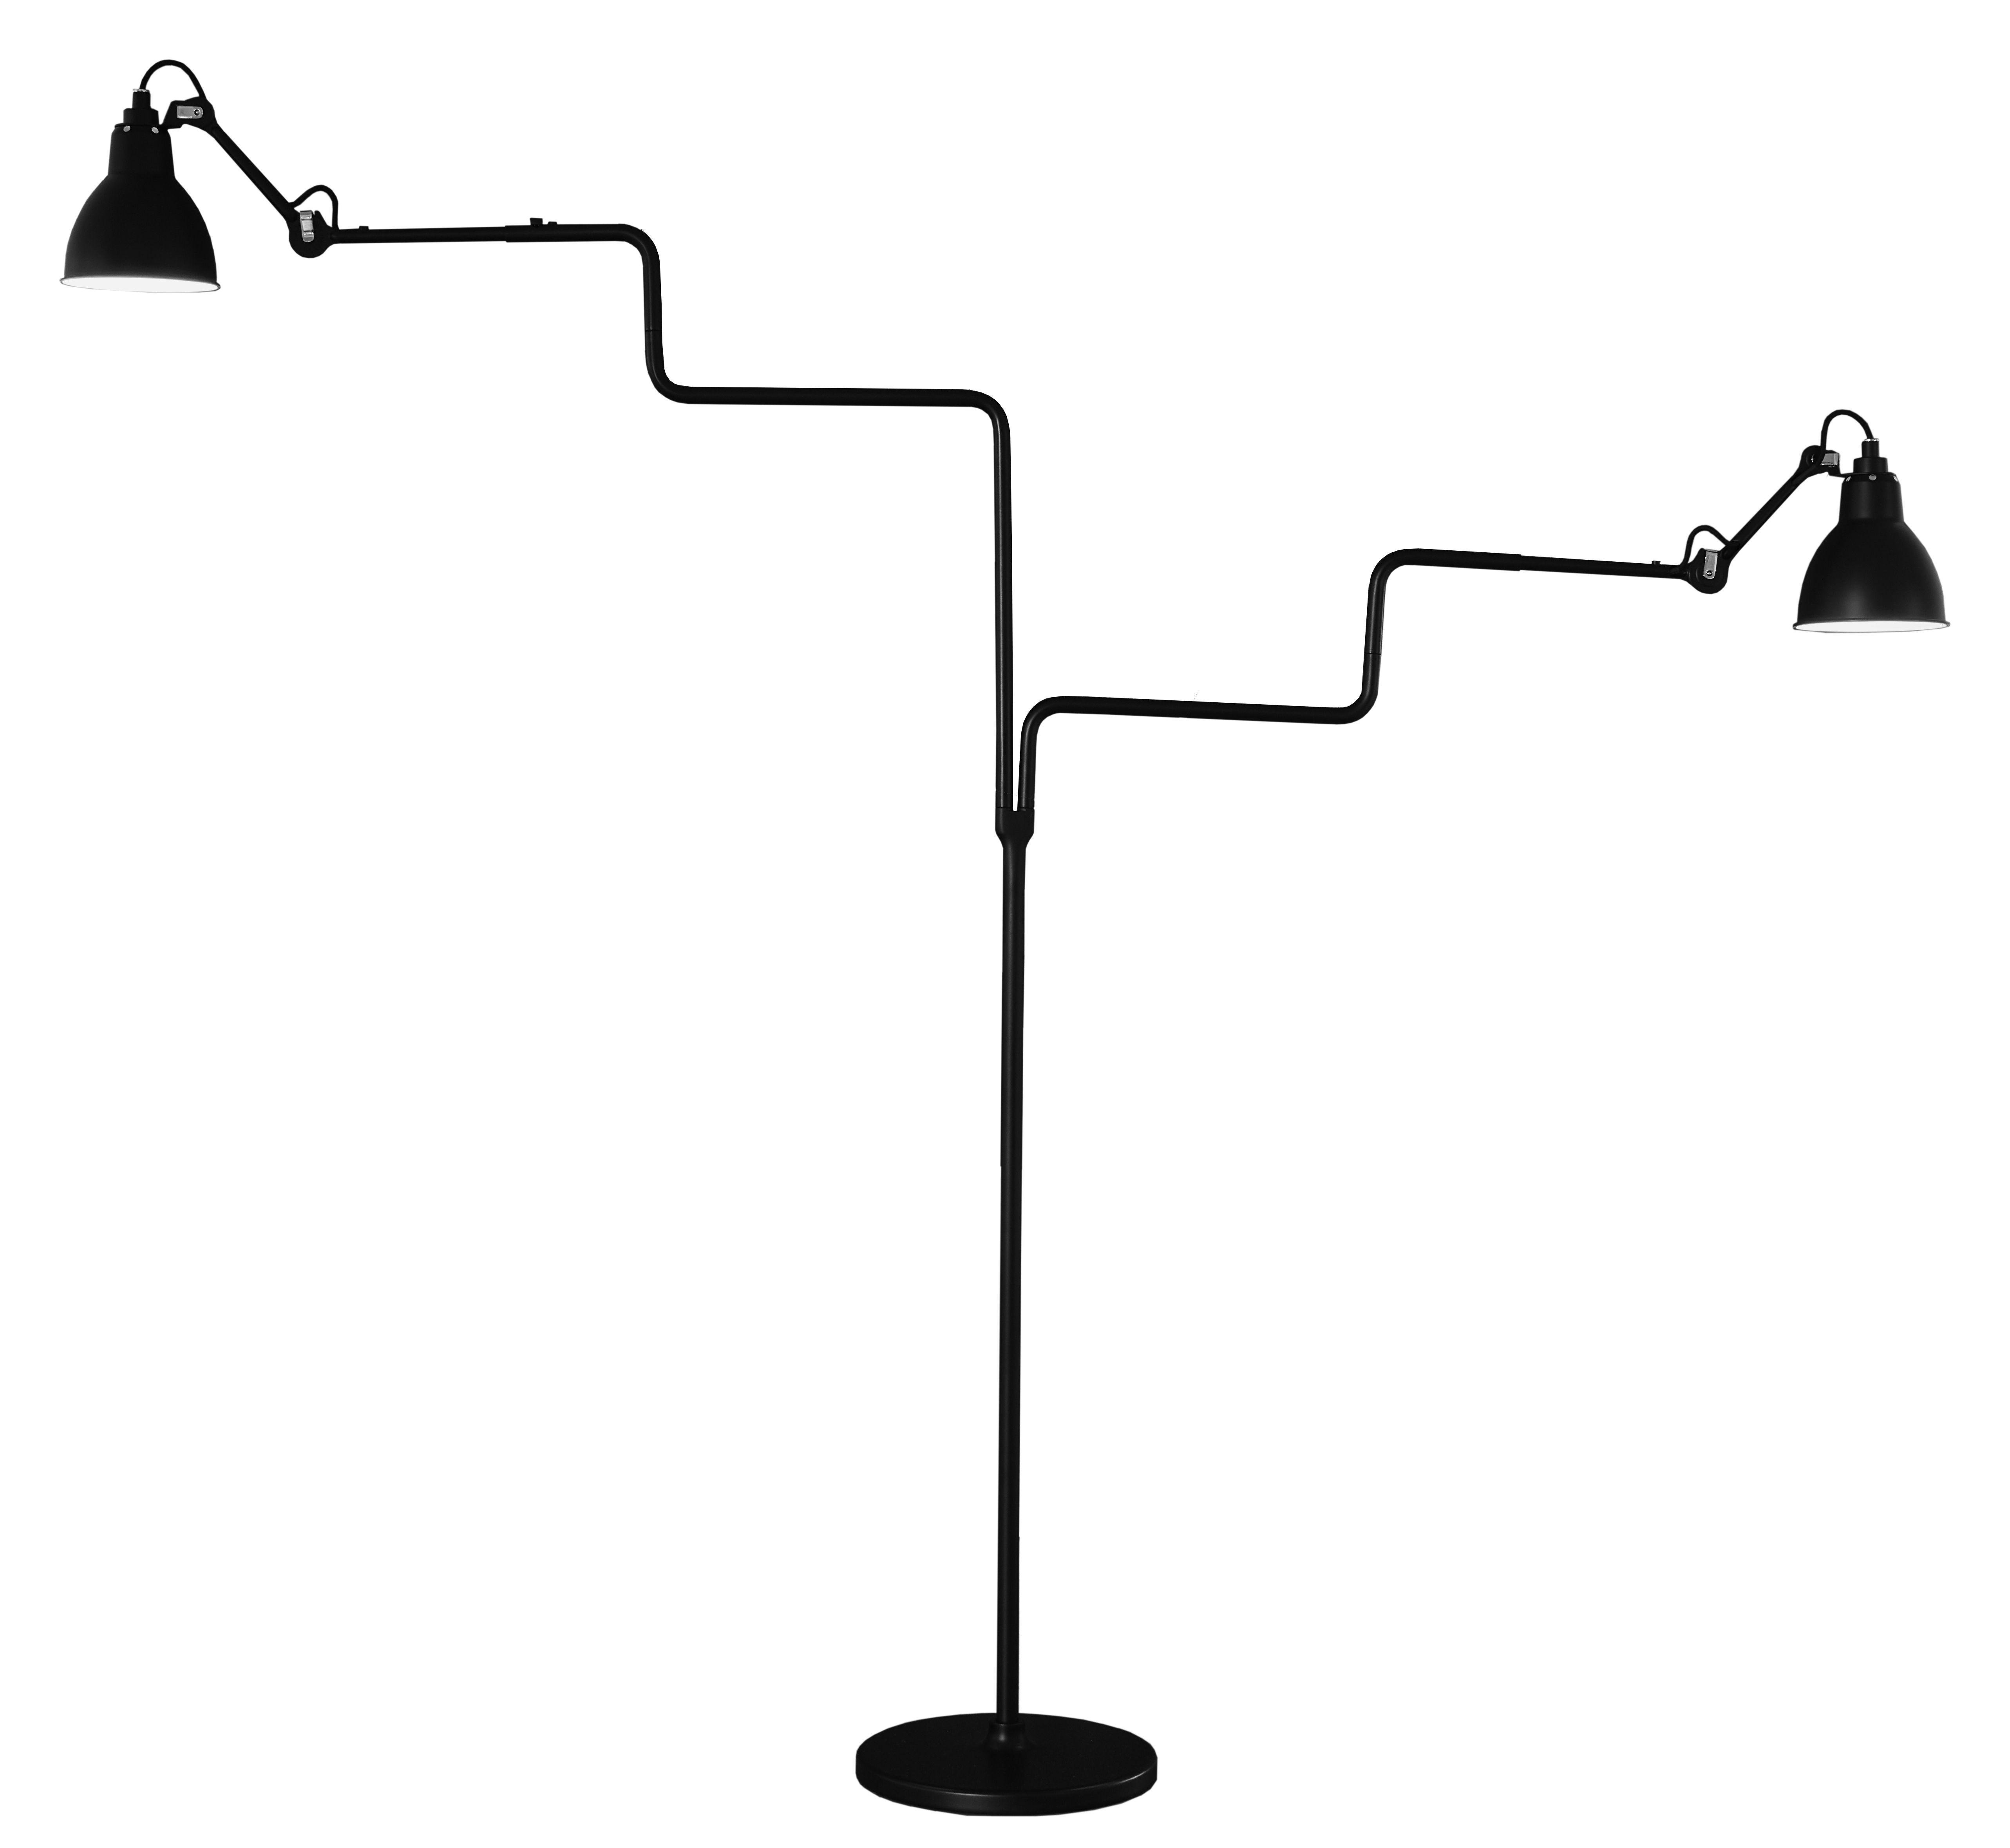 Luminaire - Lampadaires - Lampadaire N° 411 Double / Lampe Gras - DCW éditions - Noir satiné - Acier, Aluminium